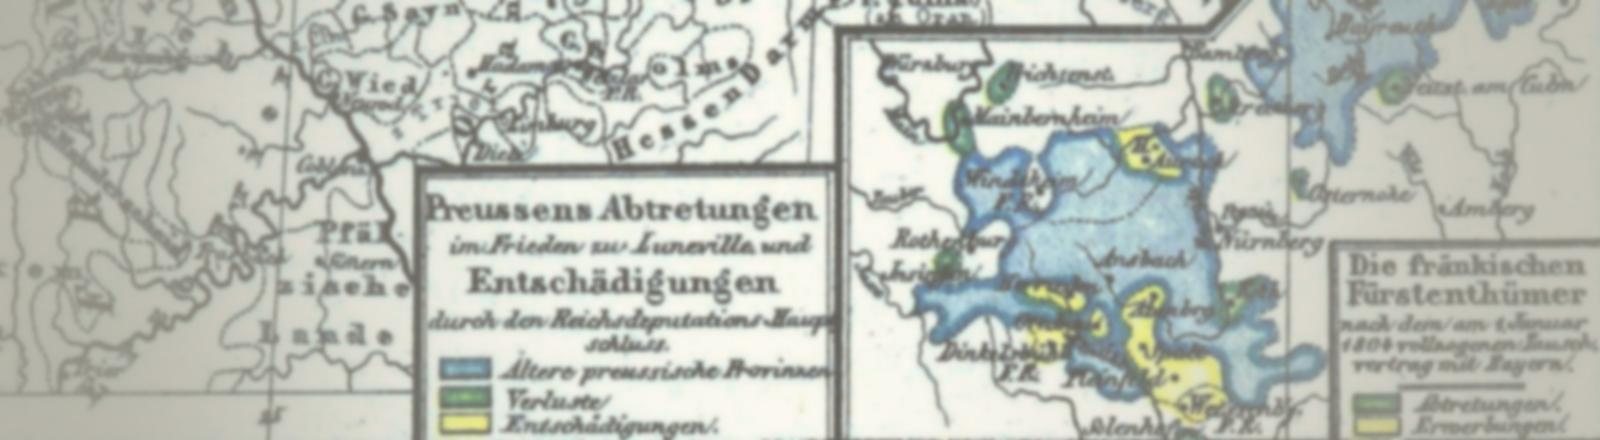 Preußens Abtretungen im Frieden zu Lunéville und Entschädigungen durch den Reichsdeputationshauptschluss